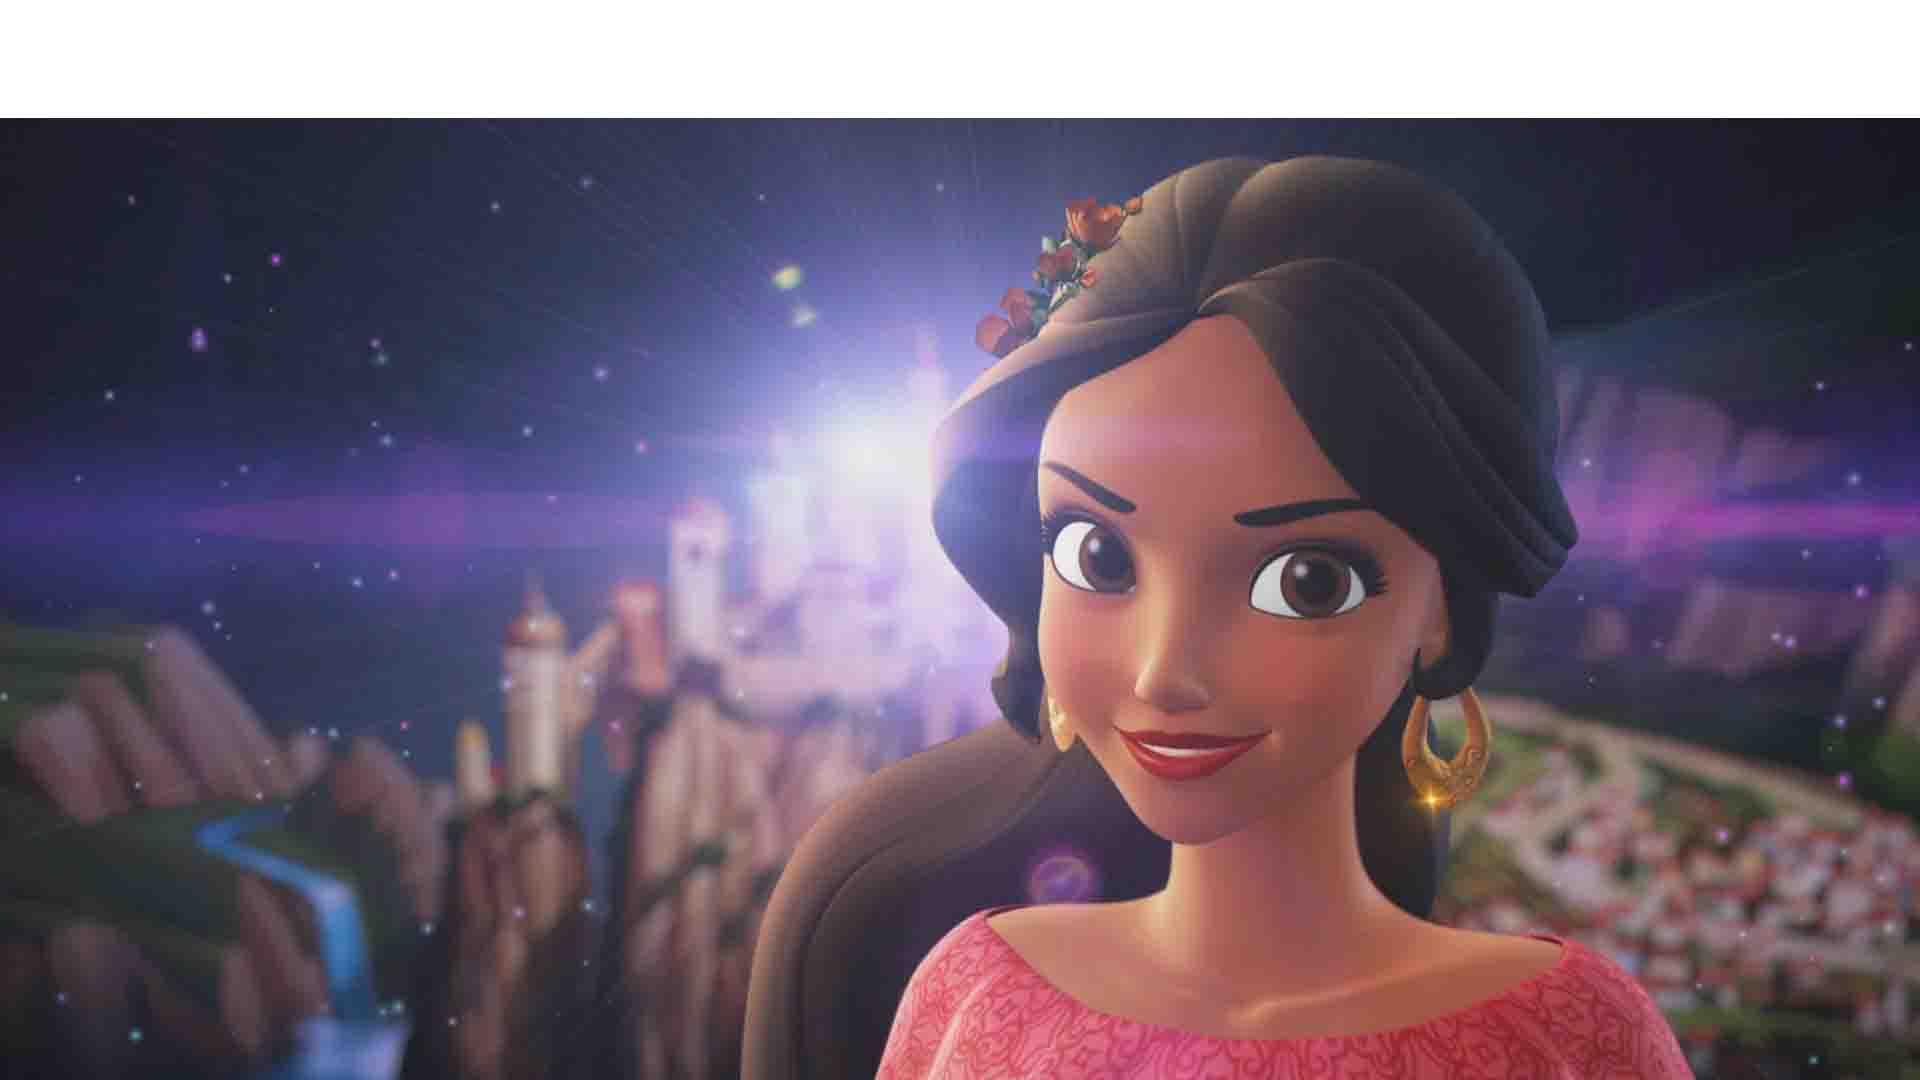 La serie llegará a los hogares por Disney Channel el viernes 22 de julio y posteriormente al estreno internacional en 163 países y 33 idiomas